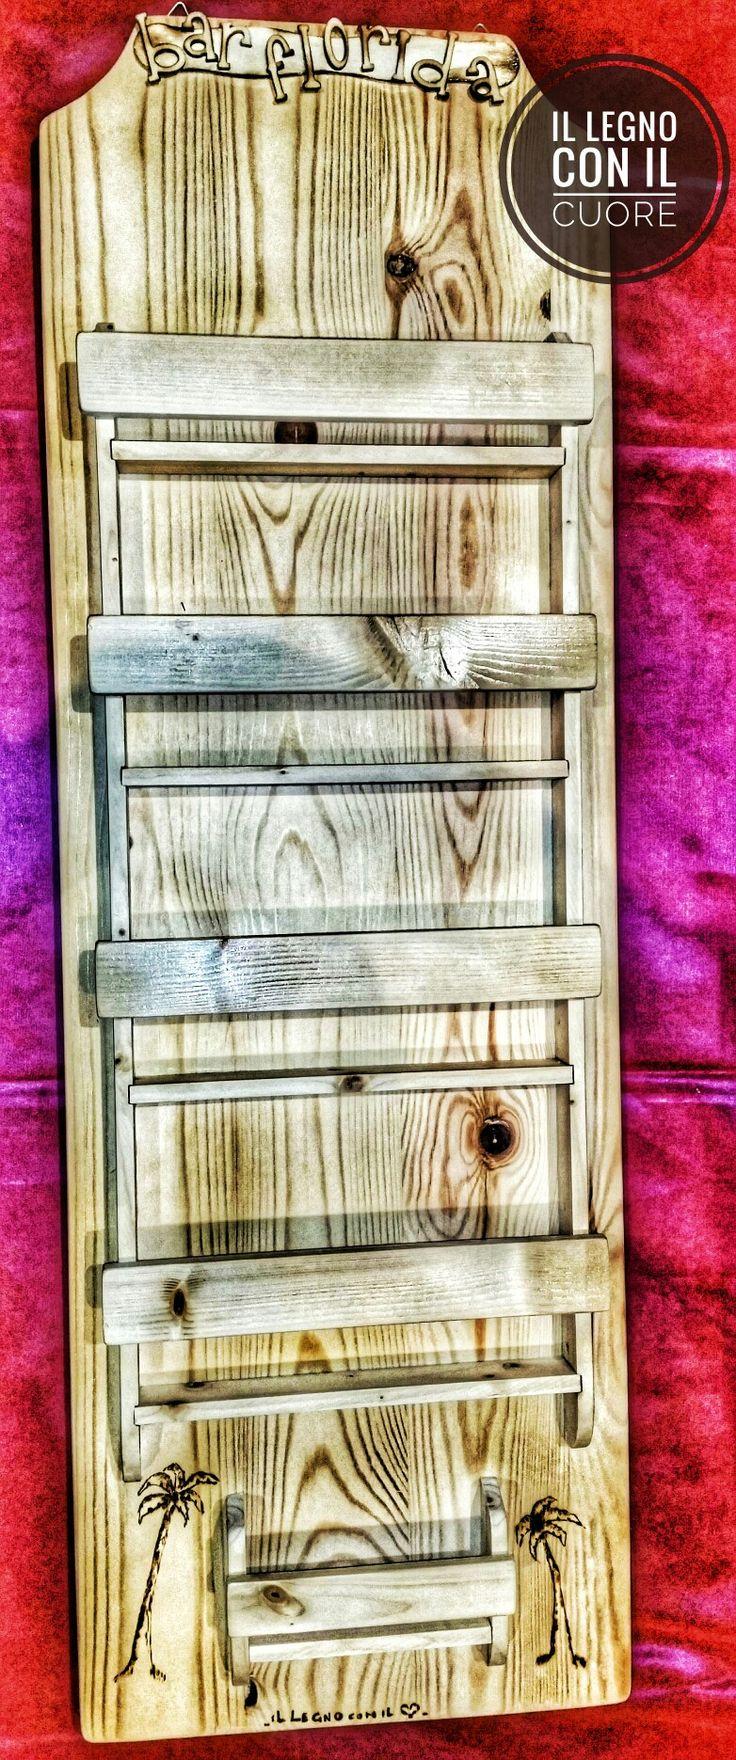 Espositore personalizzato per un bar con logo e disegno realizzzati a mano Wooden custom brochure holder diy